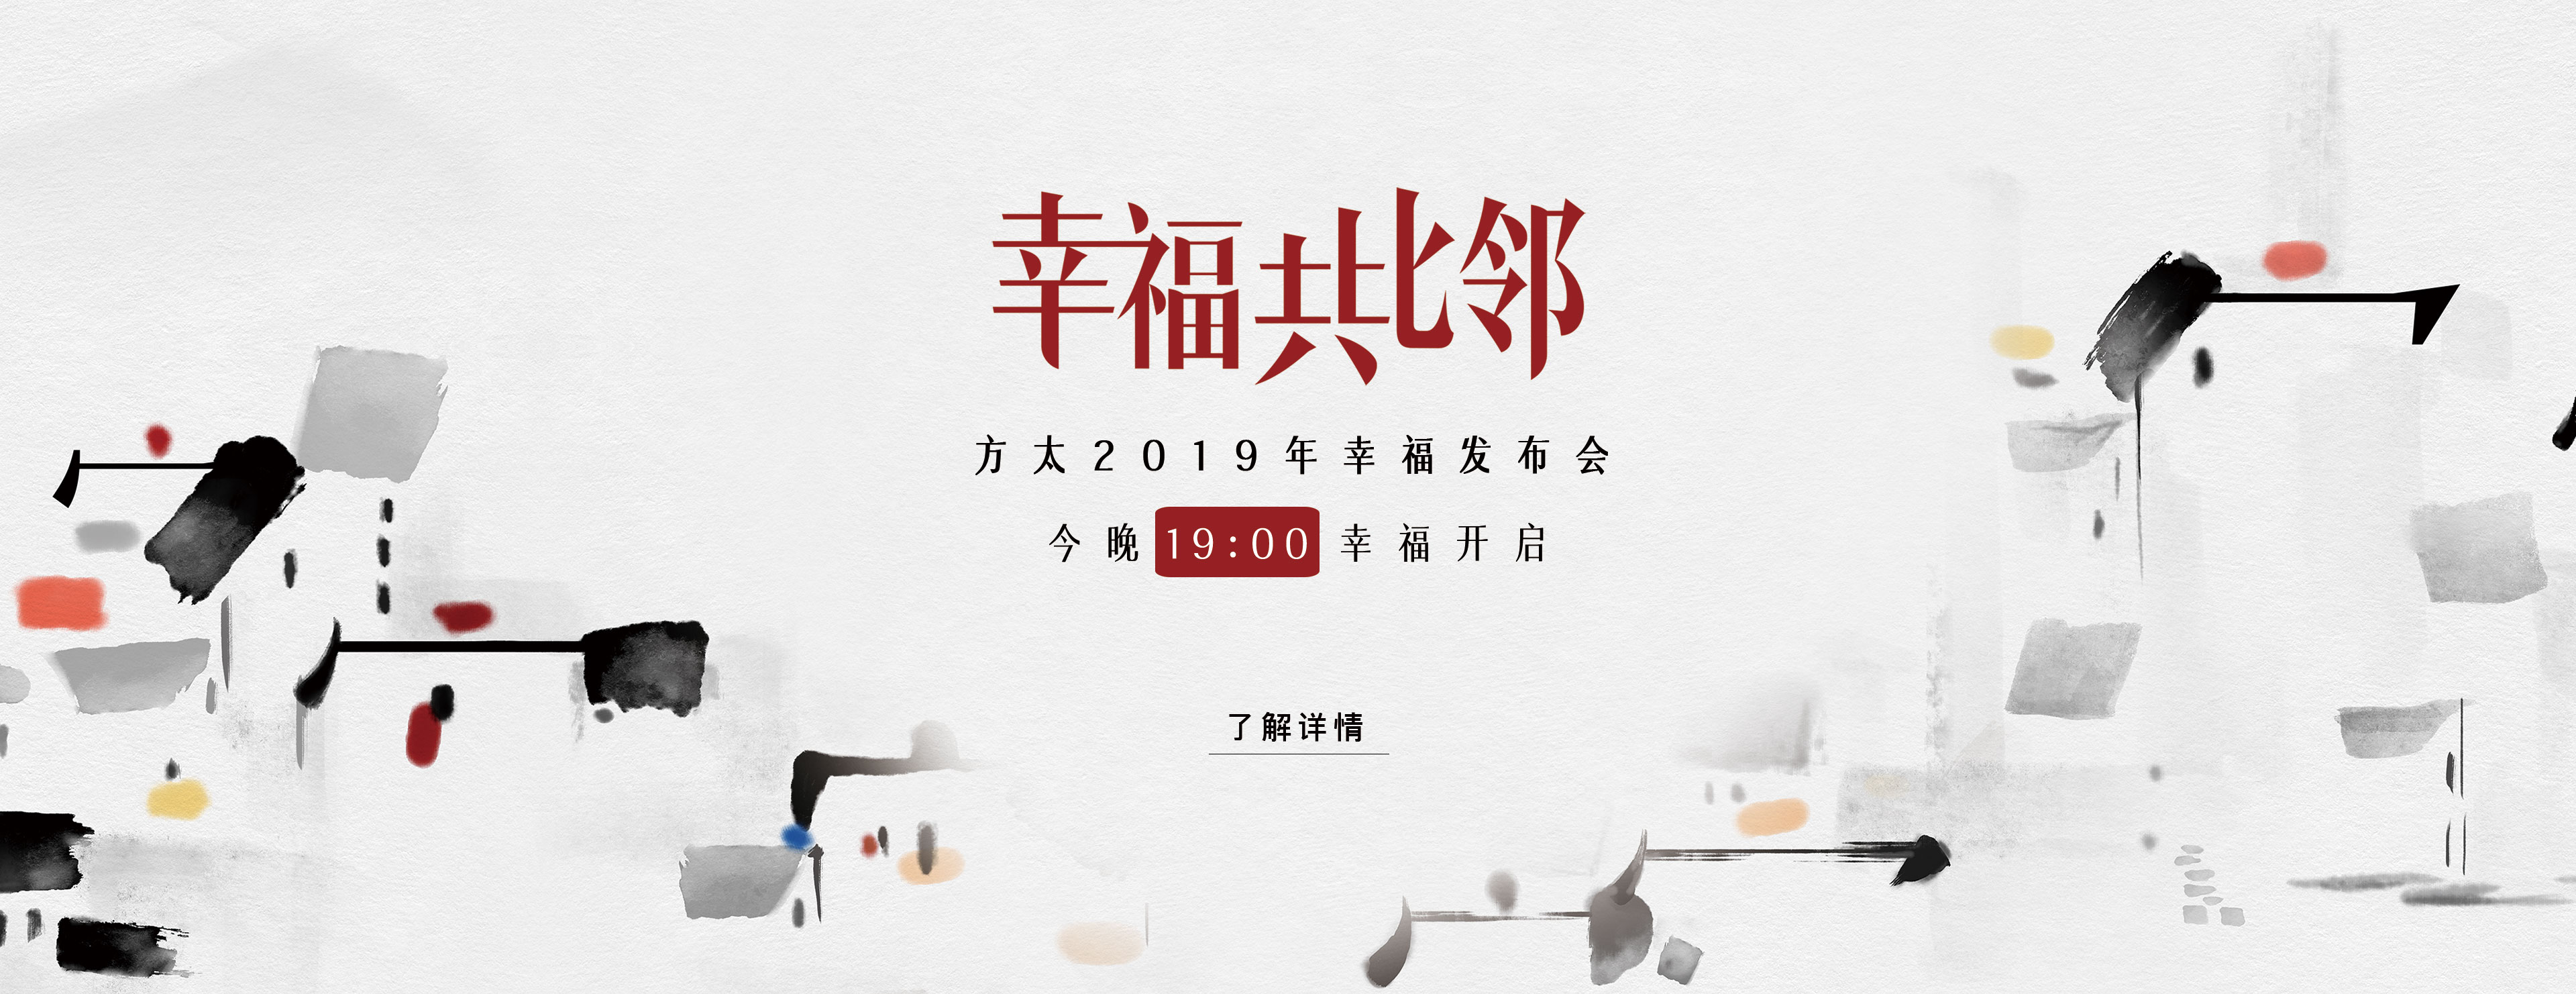 方太2019年幸福發布會 - FOTILE方太廚房電器官方網站